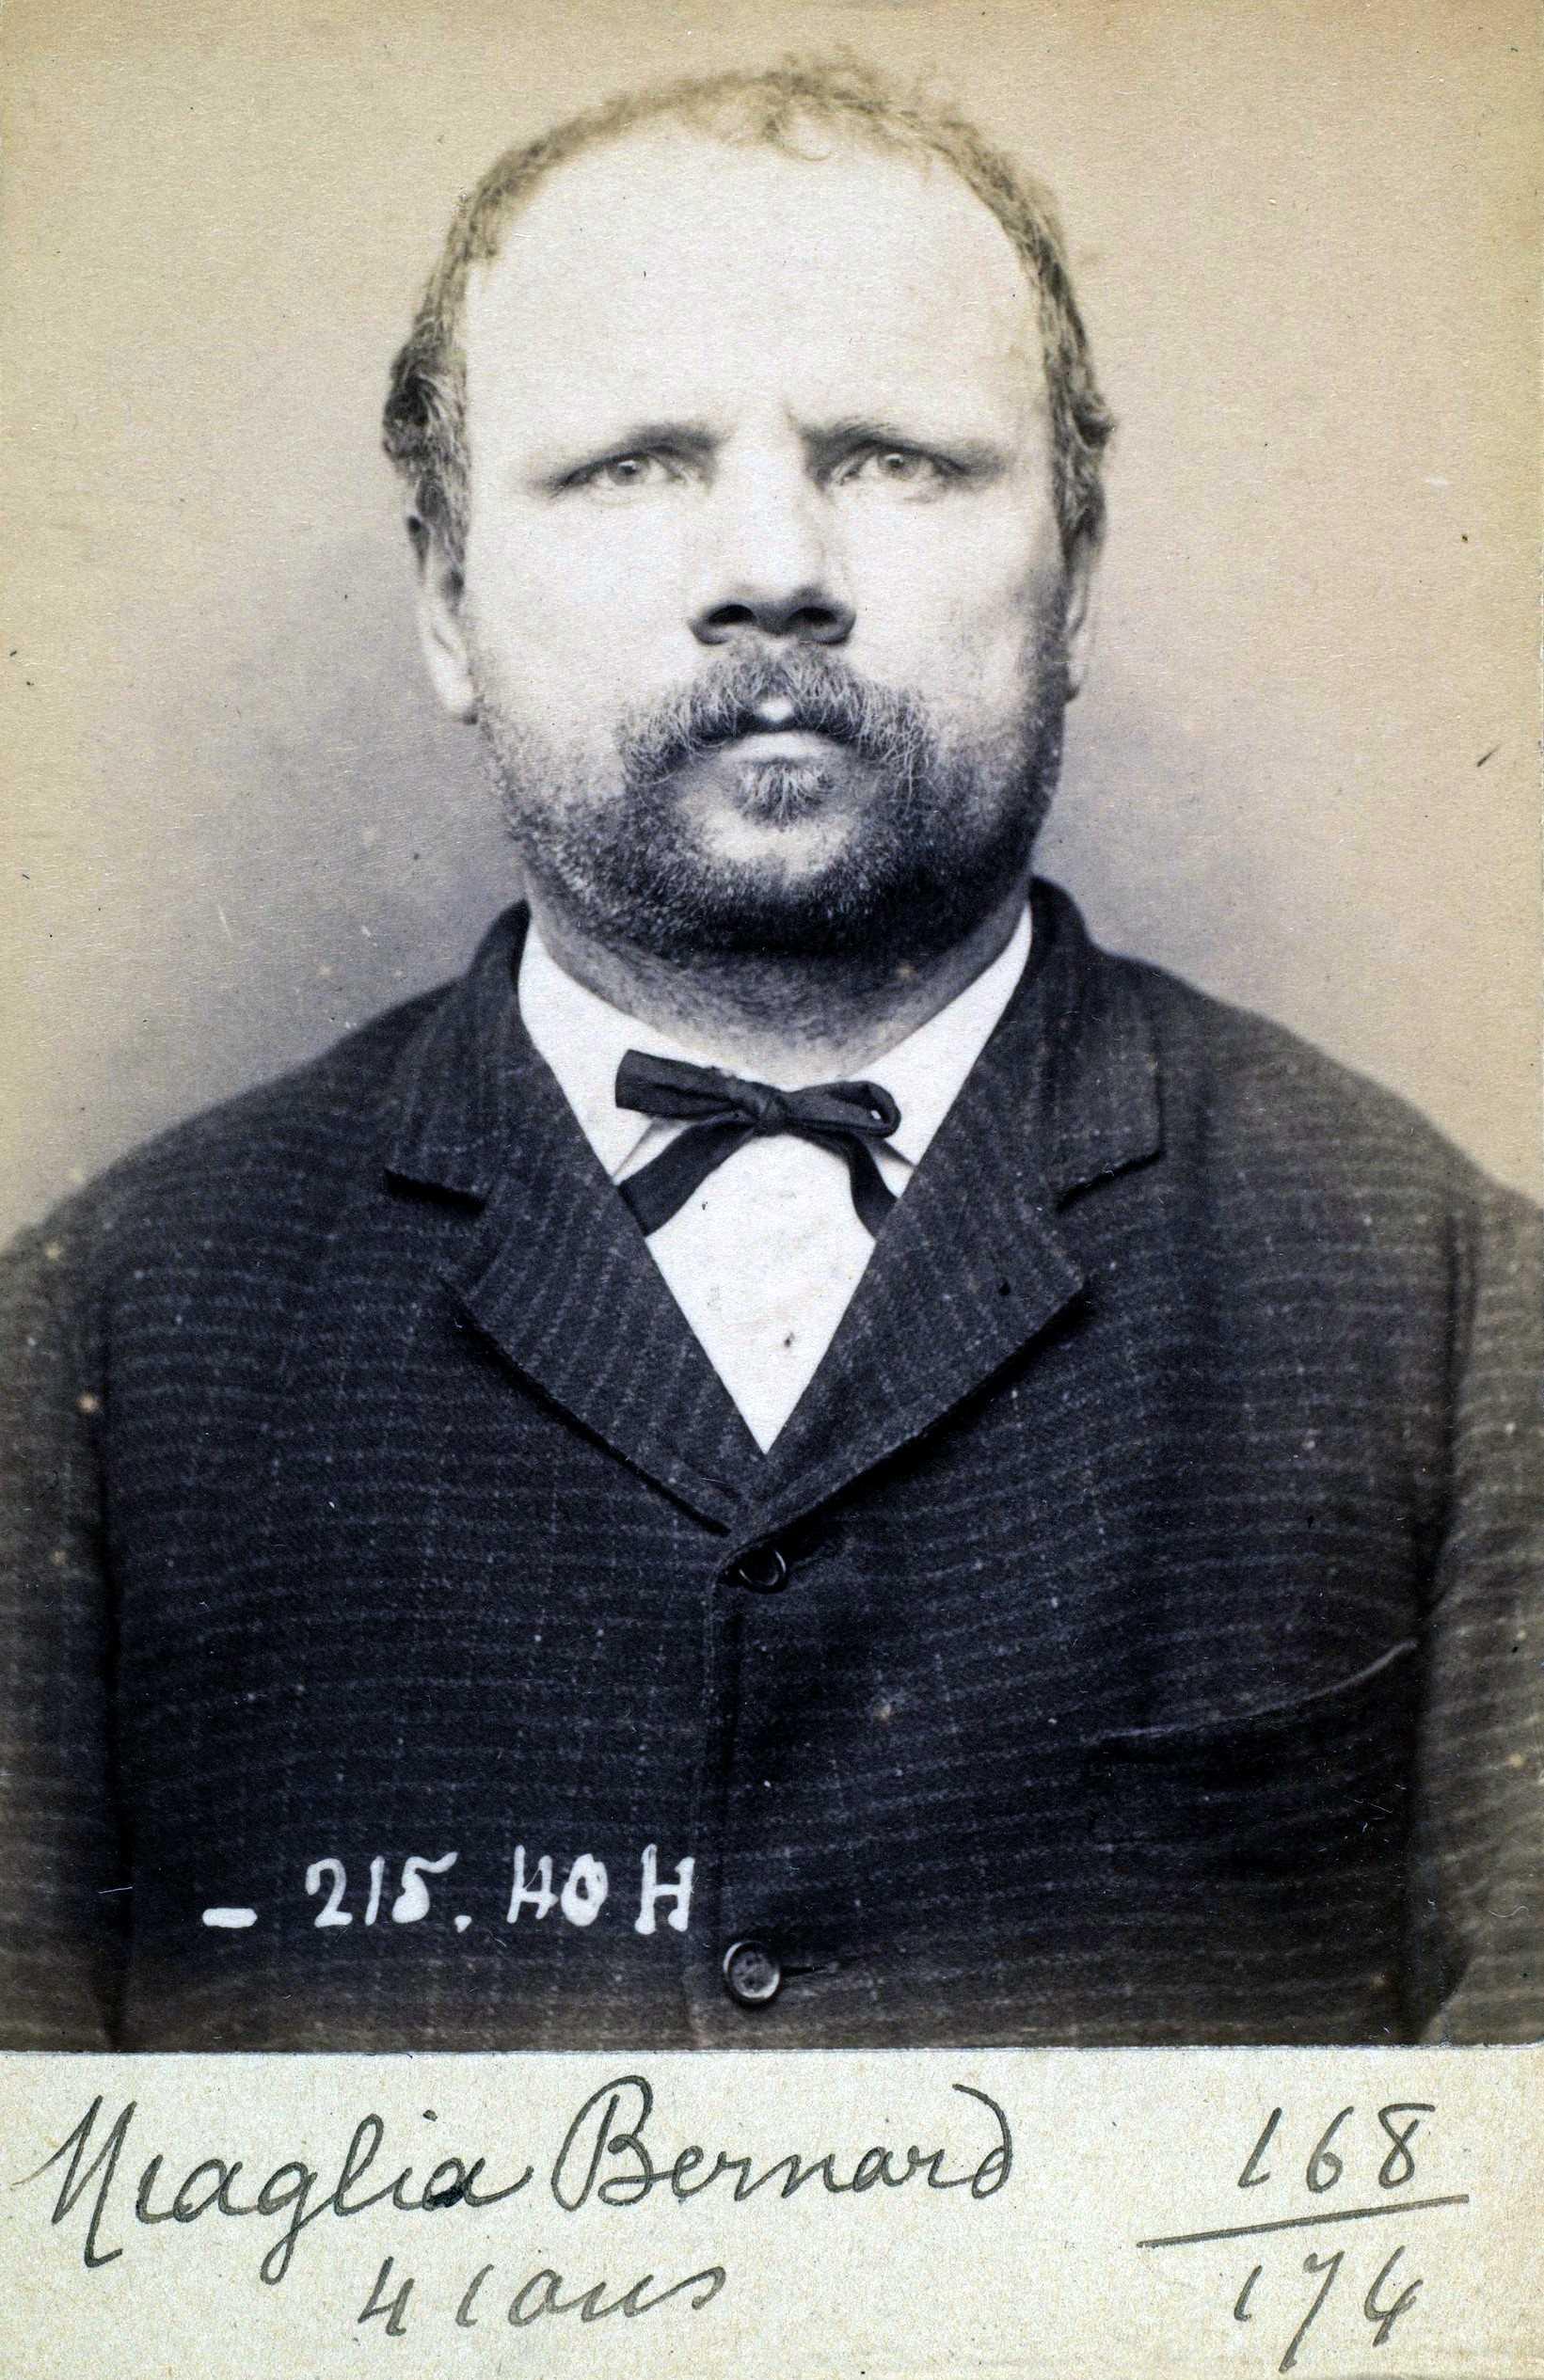 Foto policíaca de Bernardo Miaglia (9 de març de 1894)